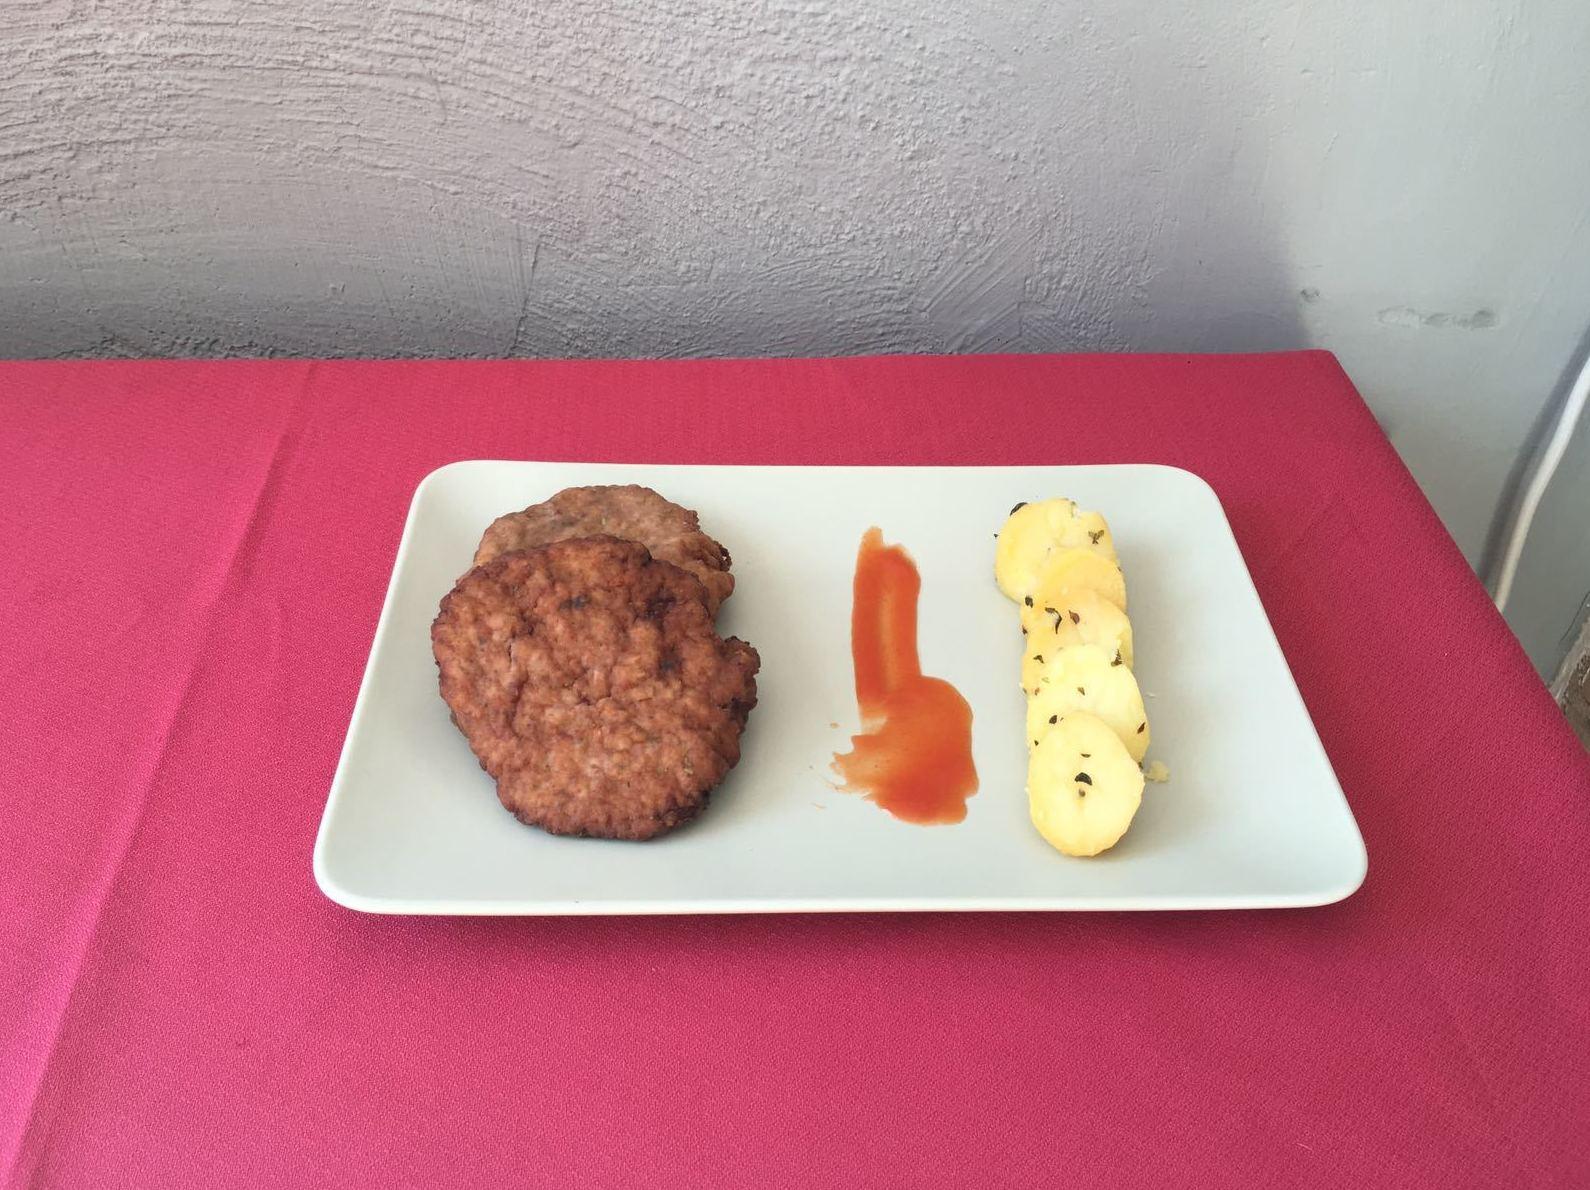 Filetes rusos con patatas. Comida preparada para llevar Madrid